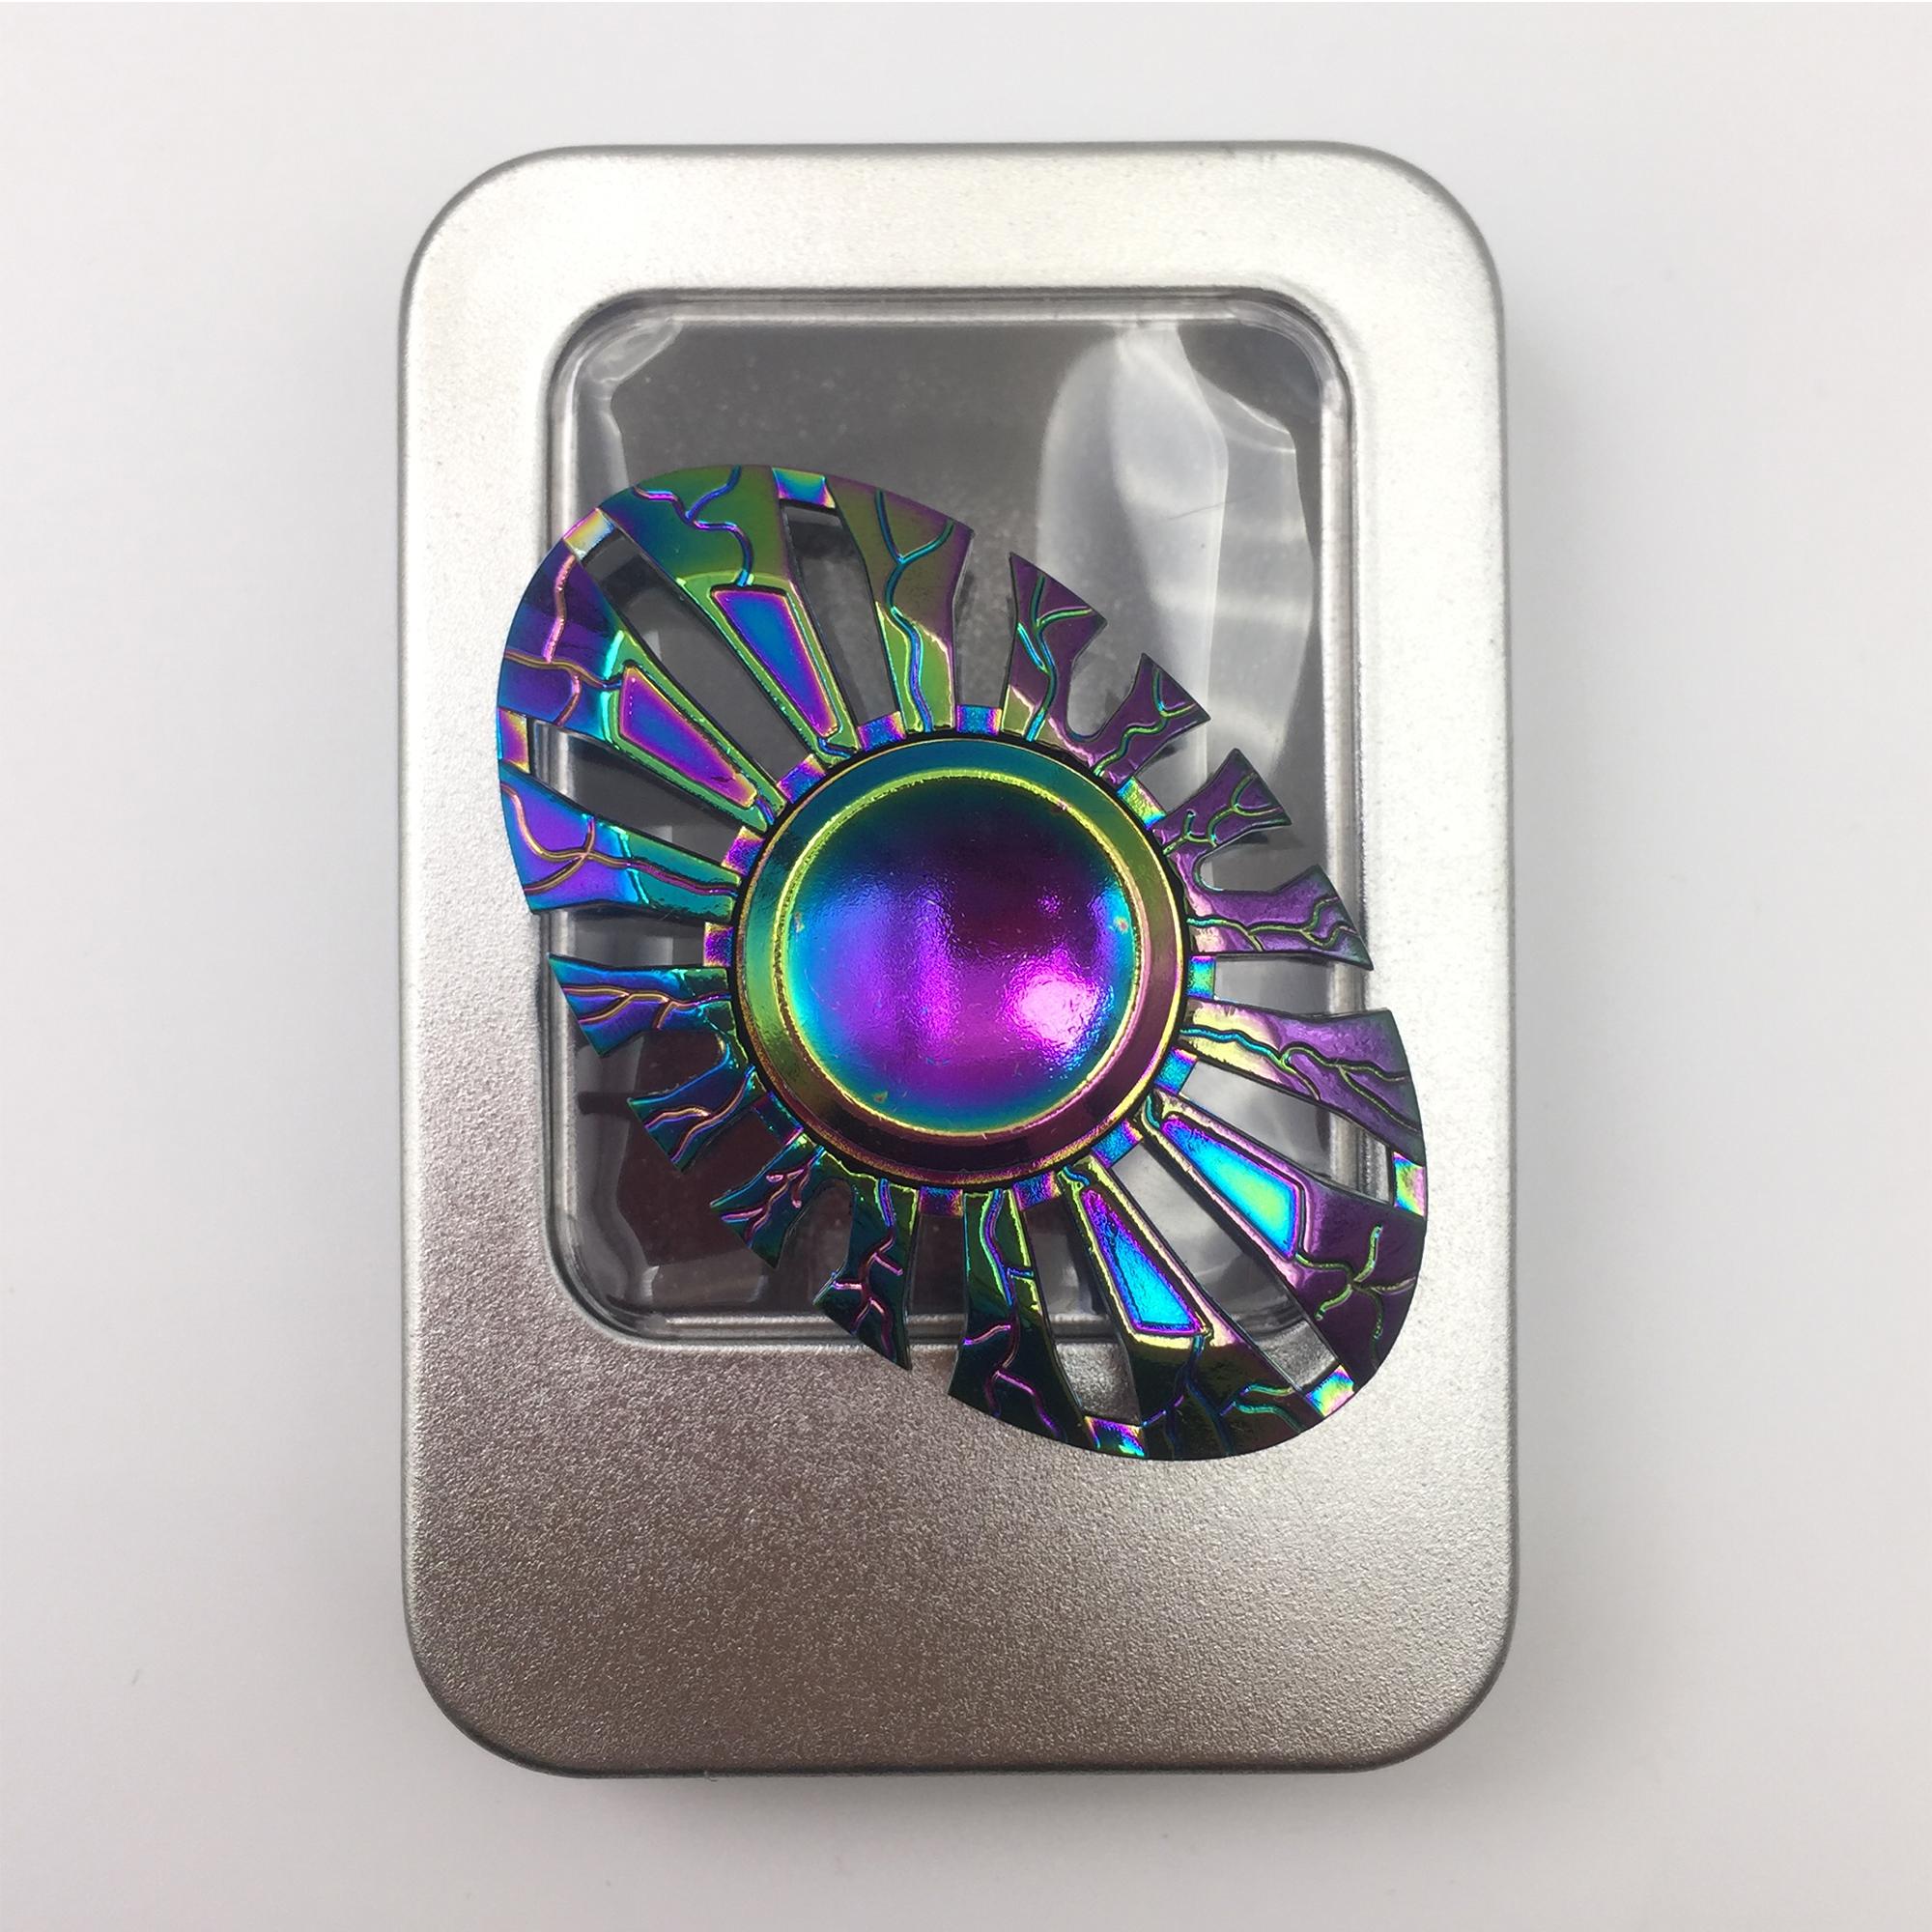 (Flying Fish) Fidget Spinner | New Modern Chrome Plating colour